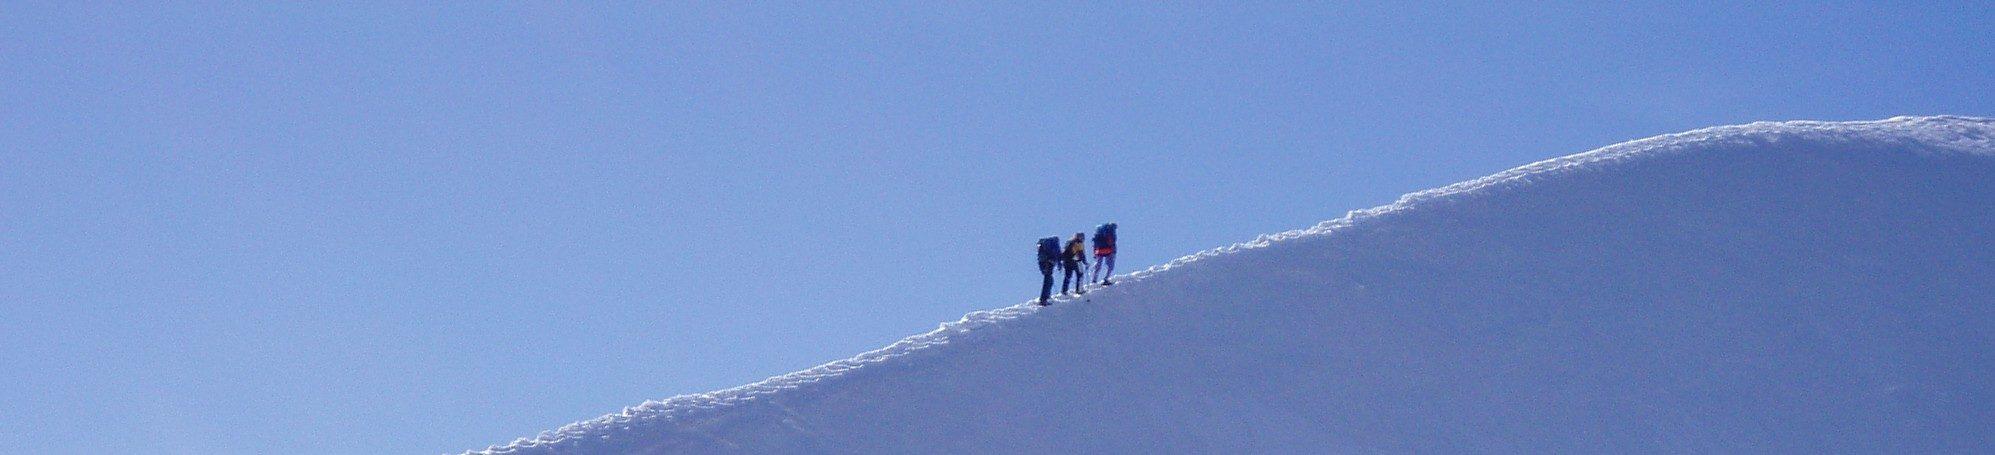 Gelders alpinisme – over de Valenberg naar de Kilimanjaro – Maarten Faas